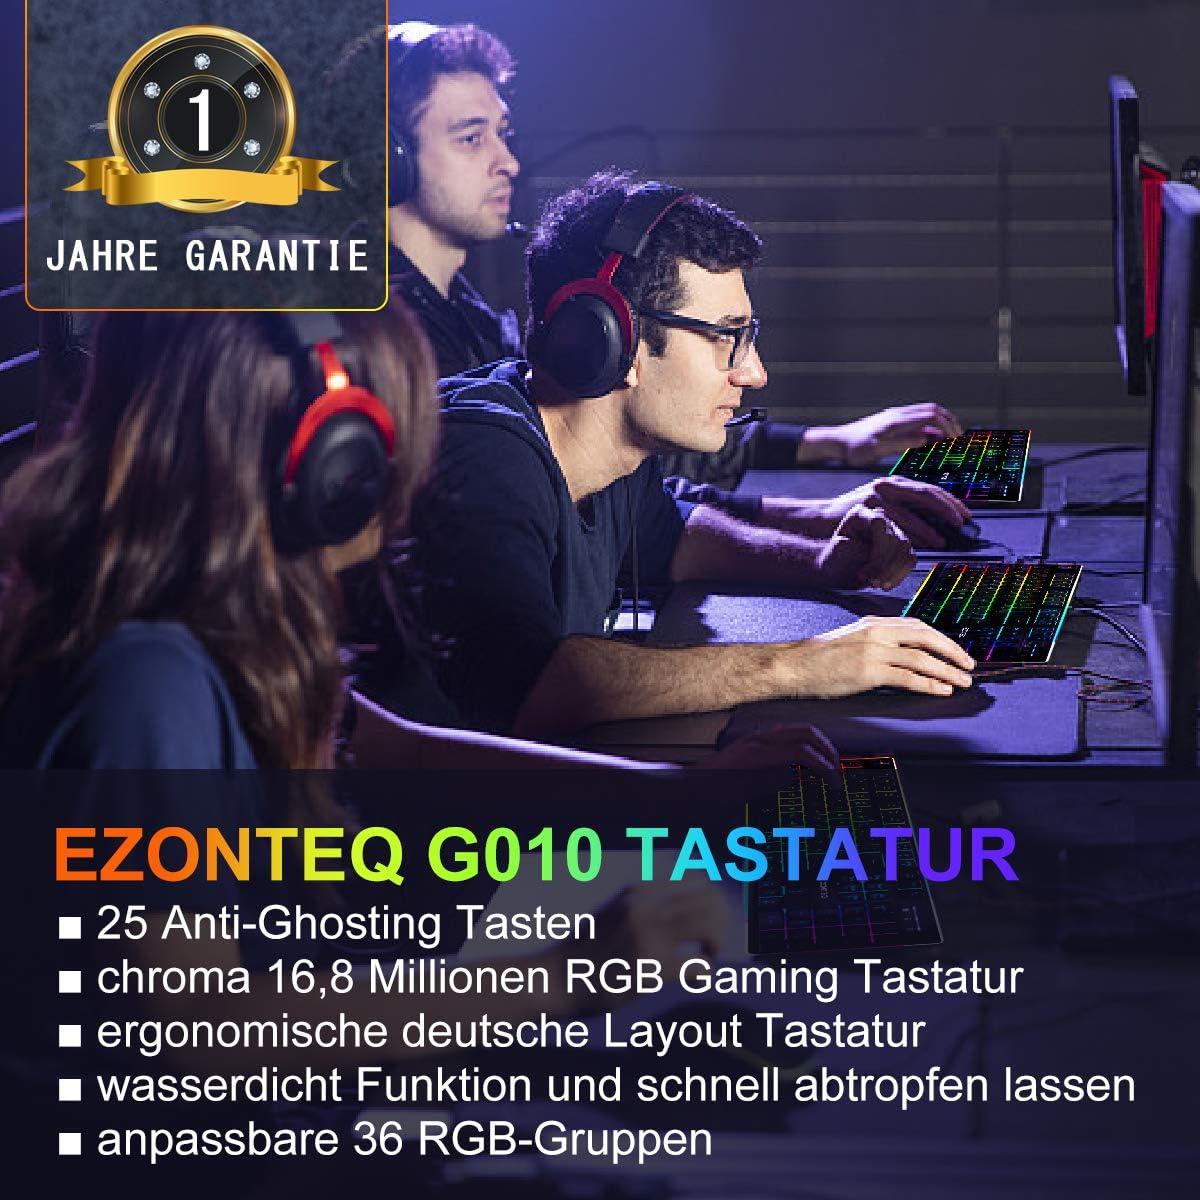 Bussiness G010 Ergonomische RGB Gaming Tastatur wasserdicht LED Keyboard Tastenkappen schwarz Gaming-Tastaturen f/ür PC 25 Tasten Anti-Ghosting QWERTZ, Deutsches Layout Gaming 8 Farben Beleuchtung